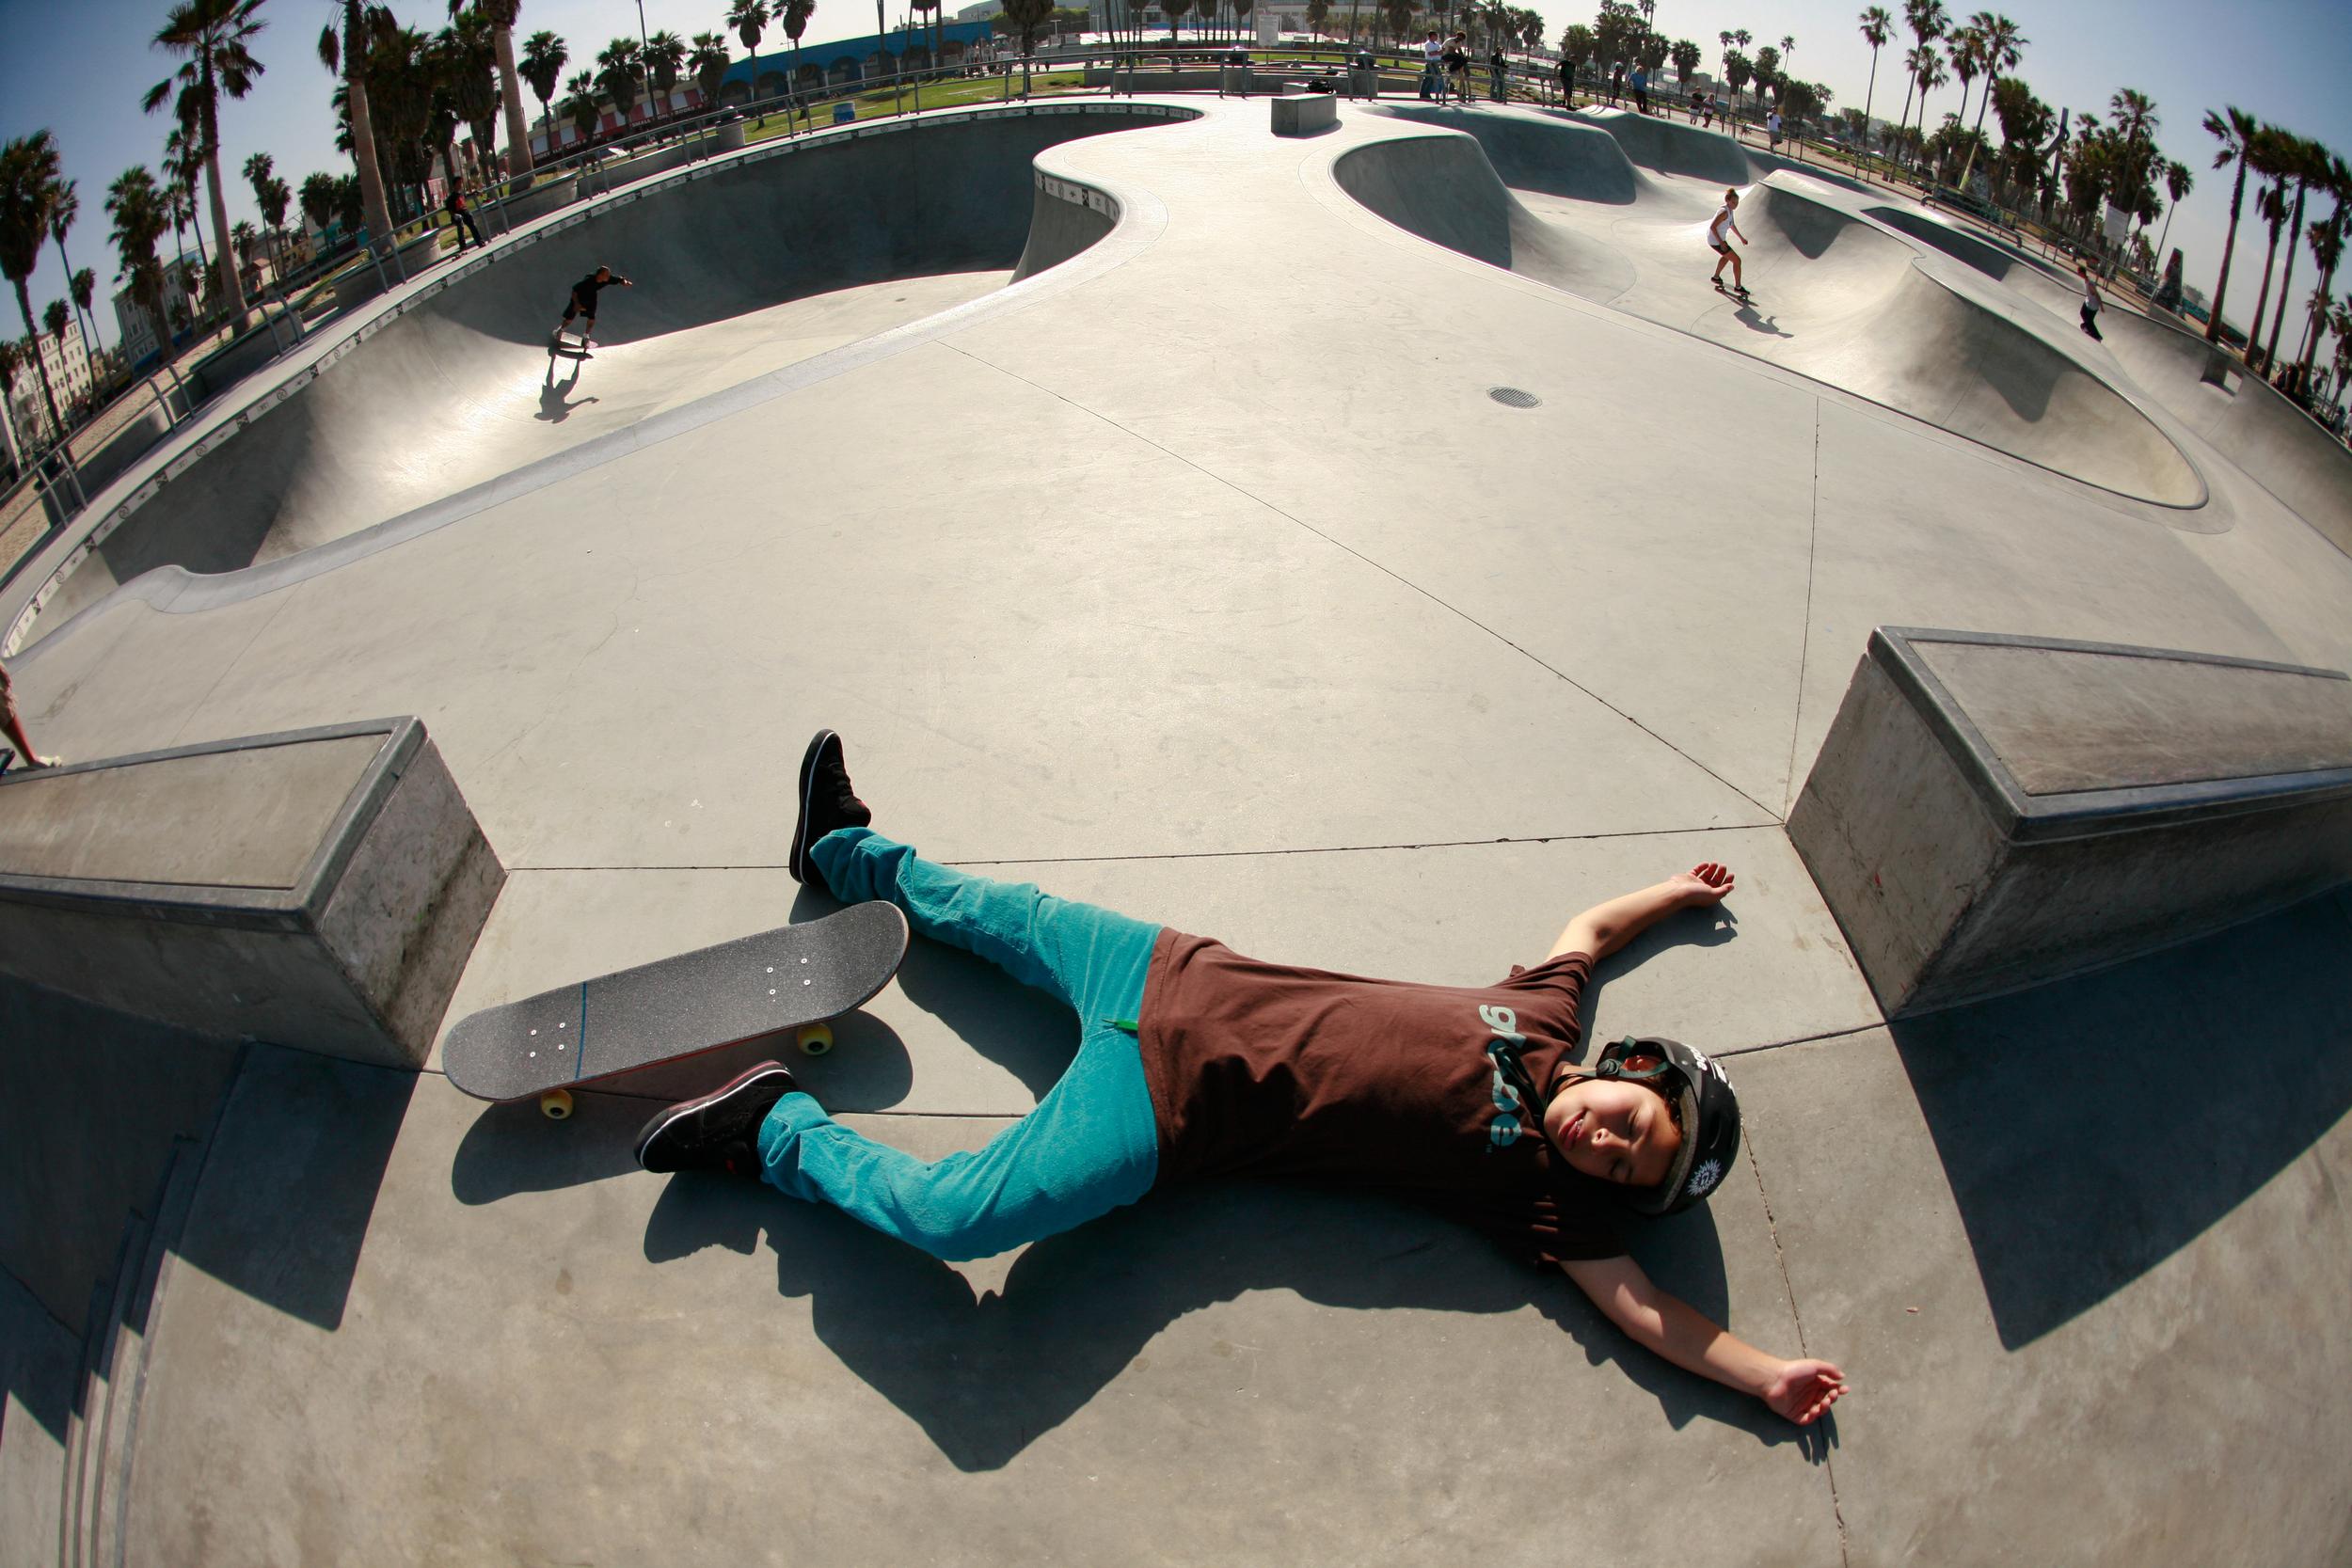 retouch skate1-1.jpg